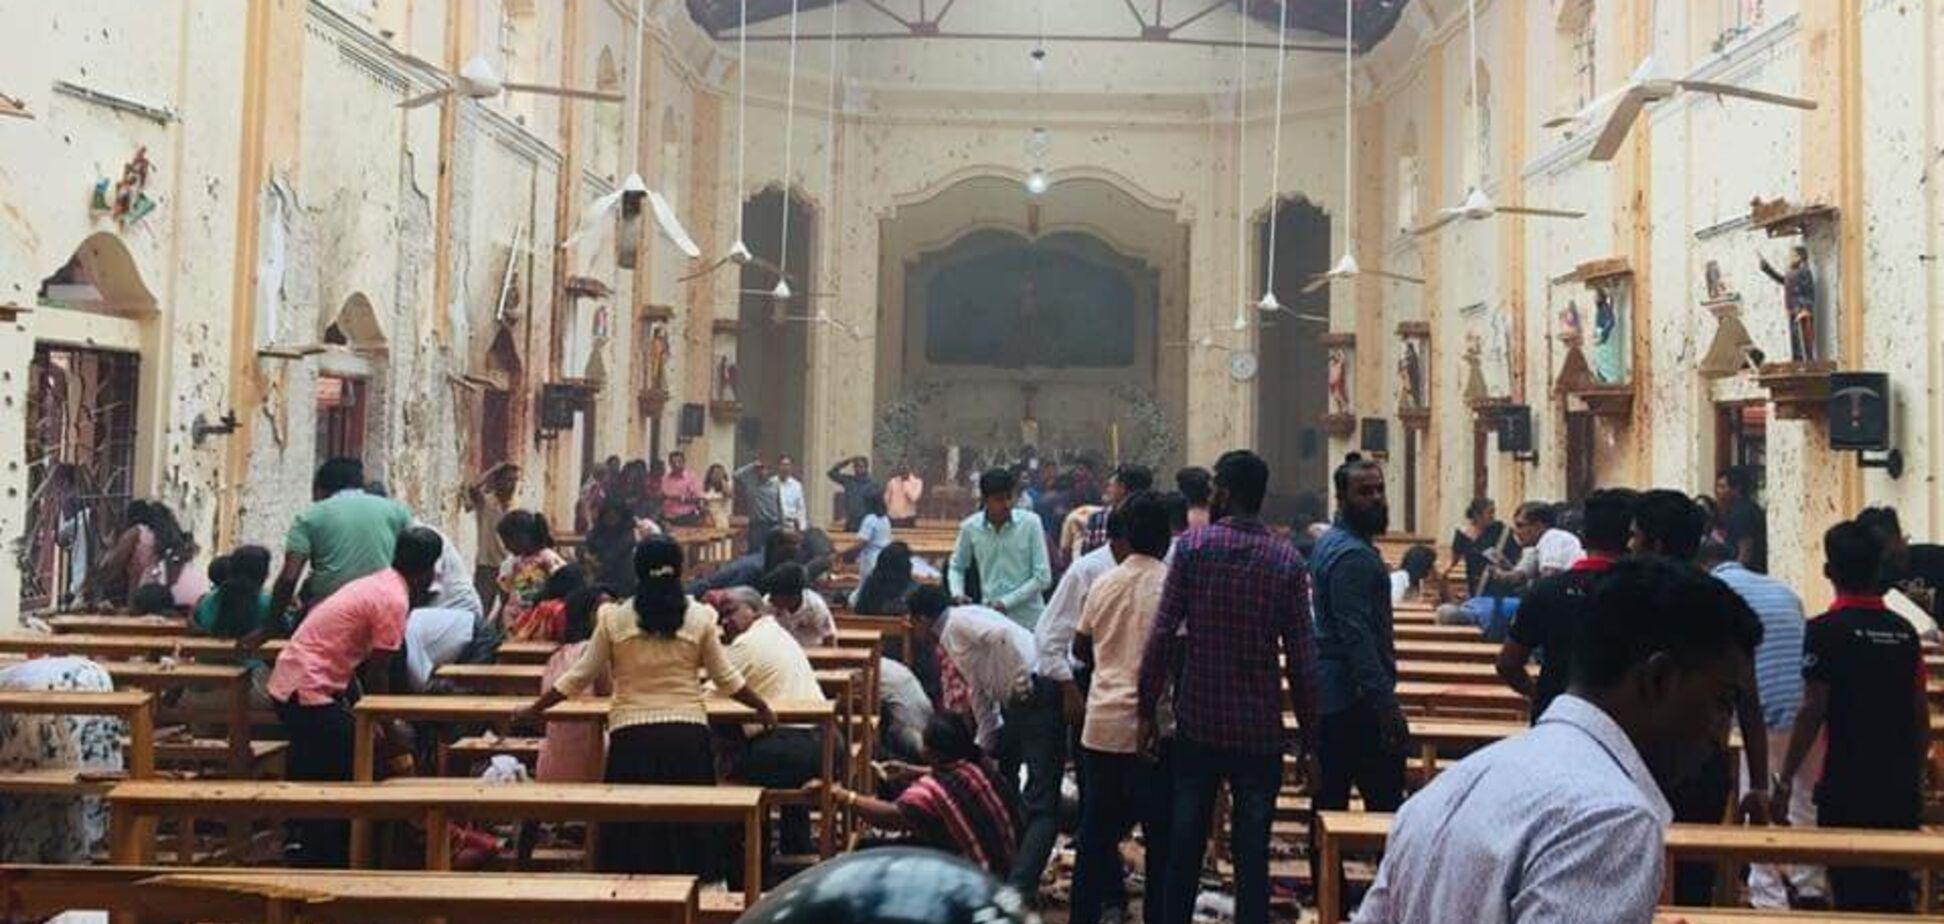 Кривавий теракт на Шрі-Ланці: момент вибуху смертника в готелі потрапив на відео